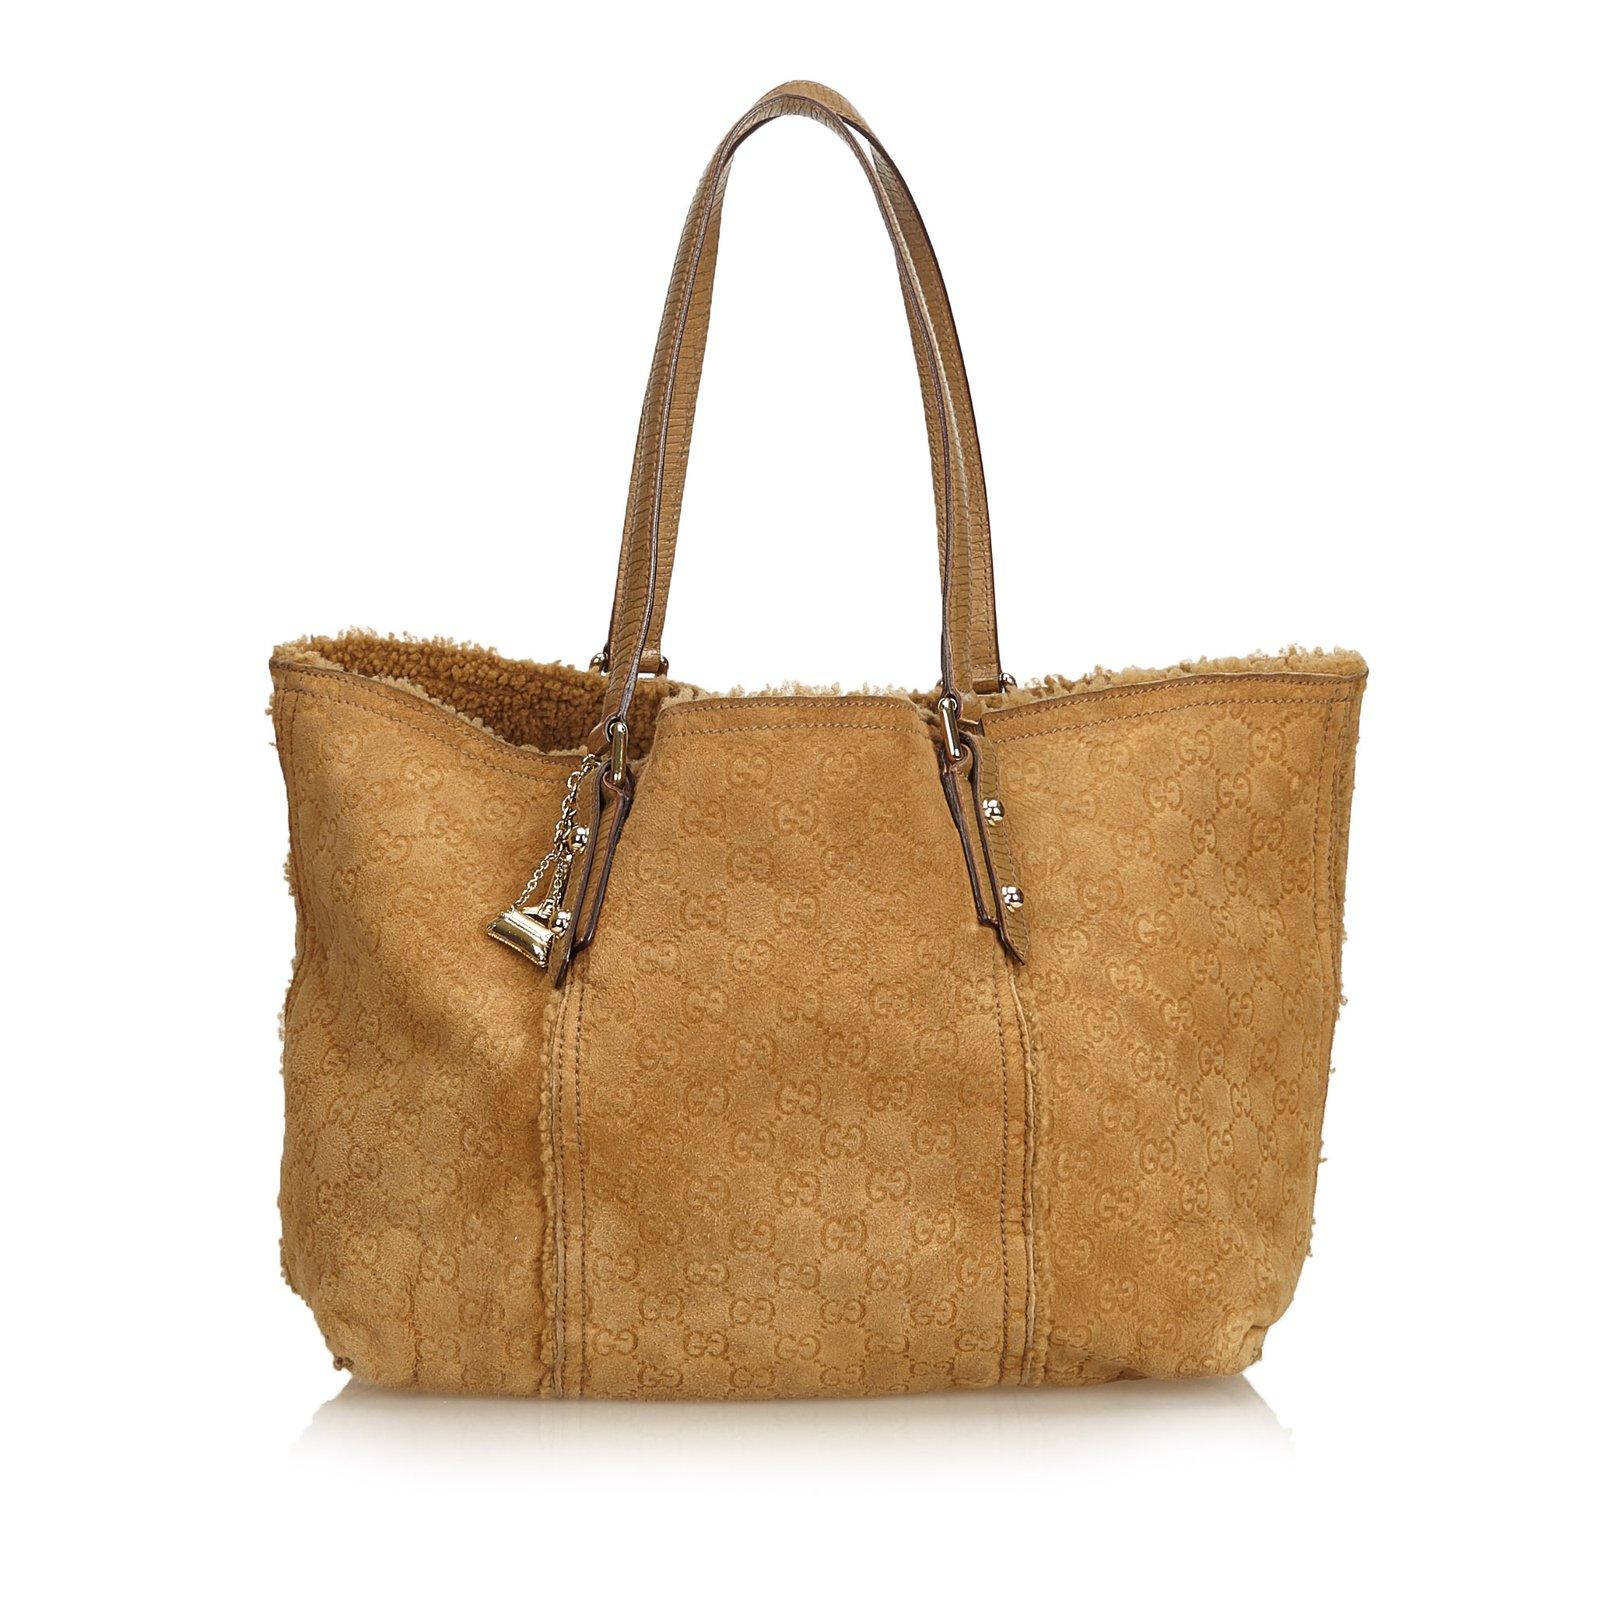 86799612493 Gucci Guccissima Shearling Jolicoeur Tote Totes Leather